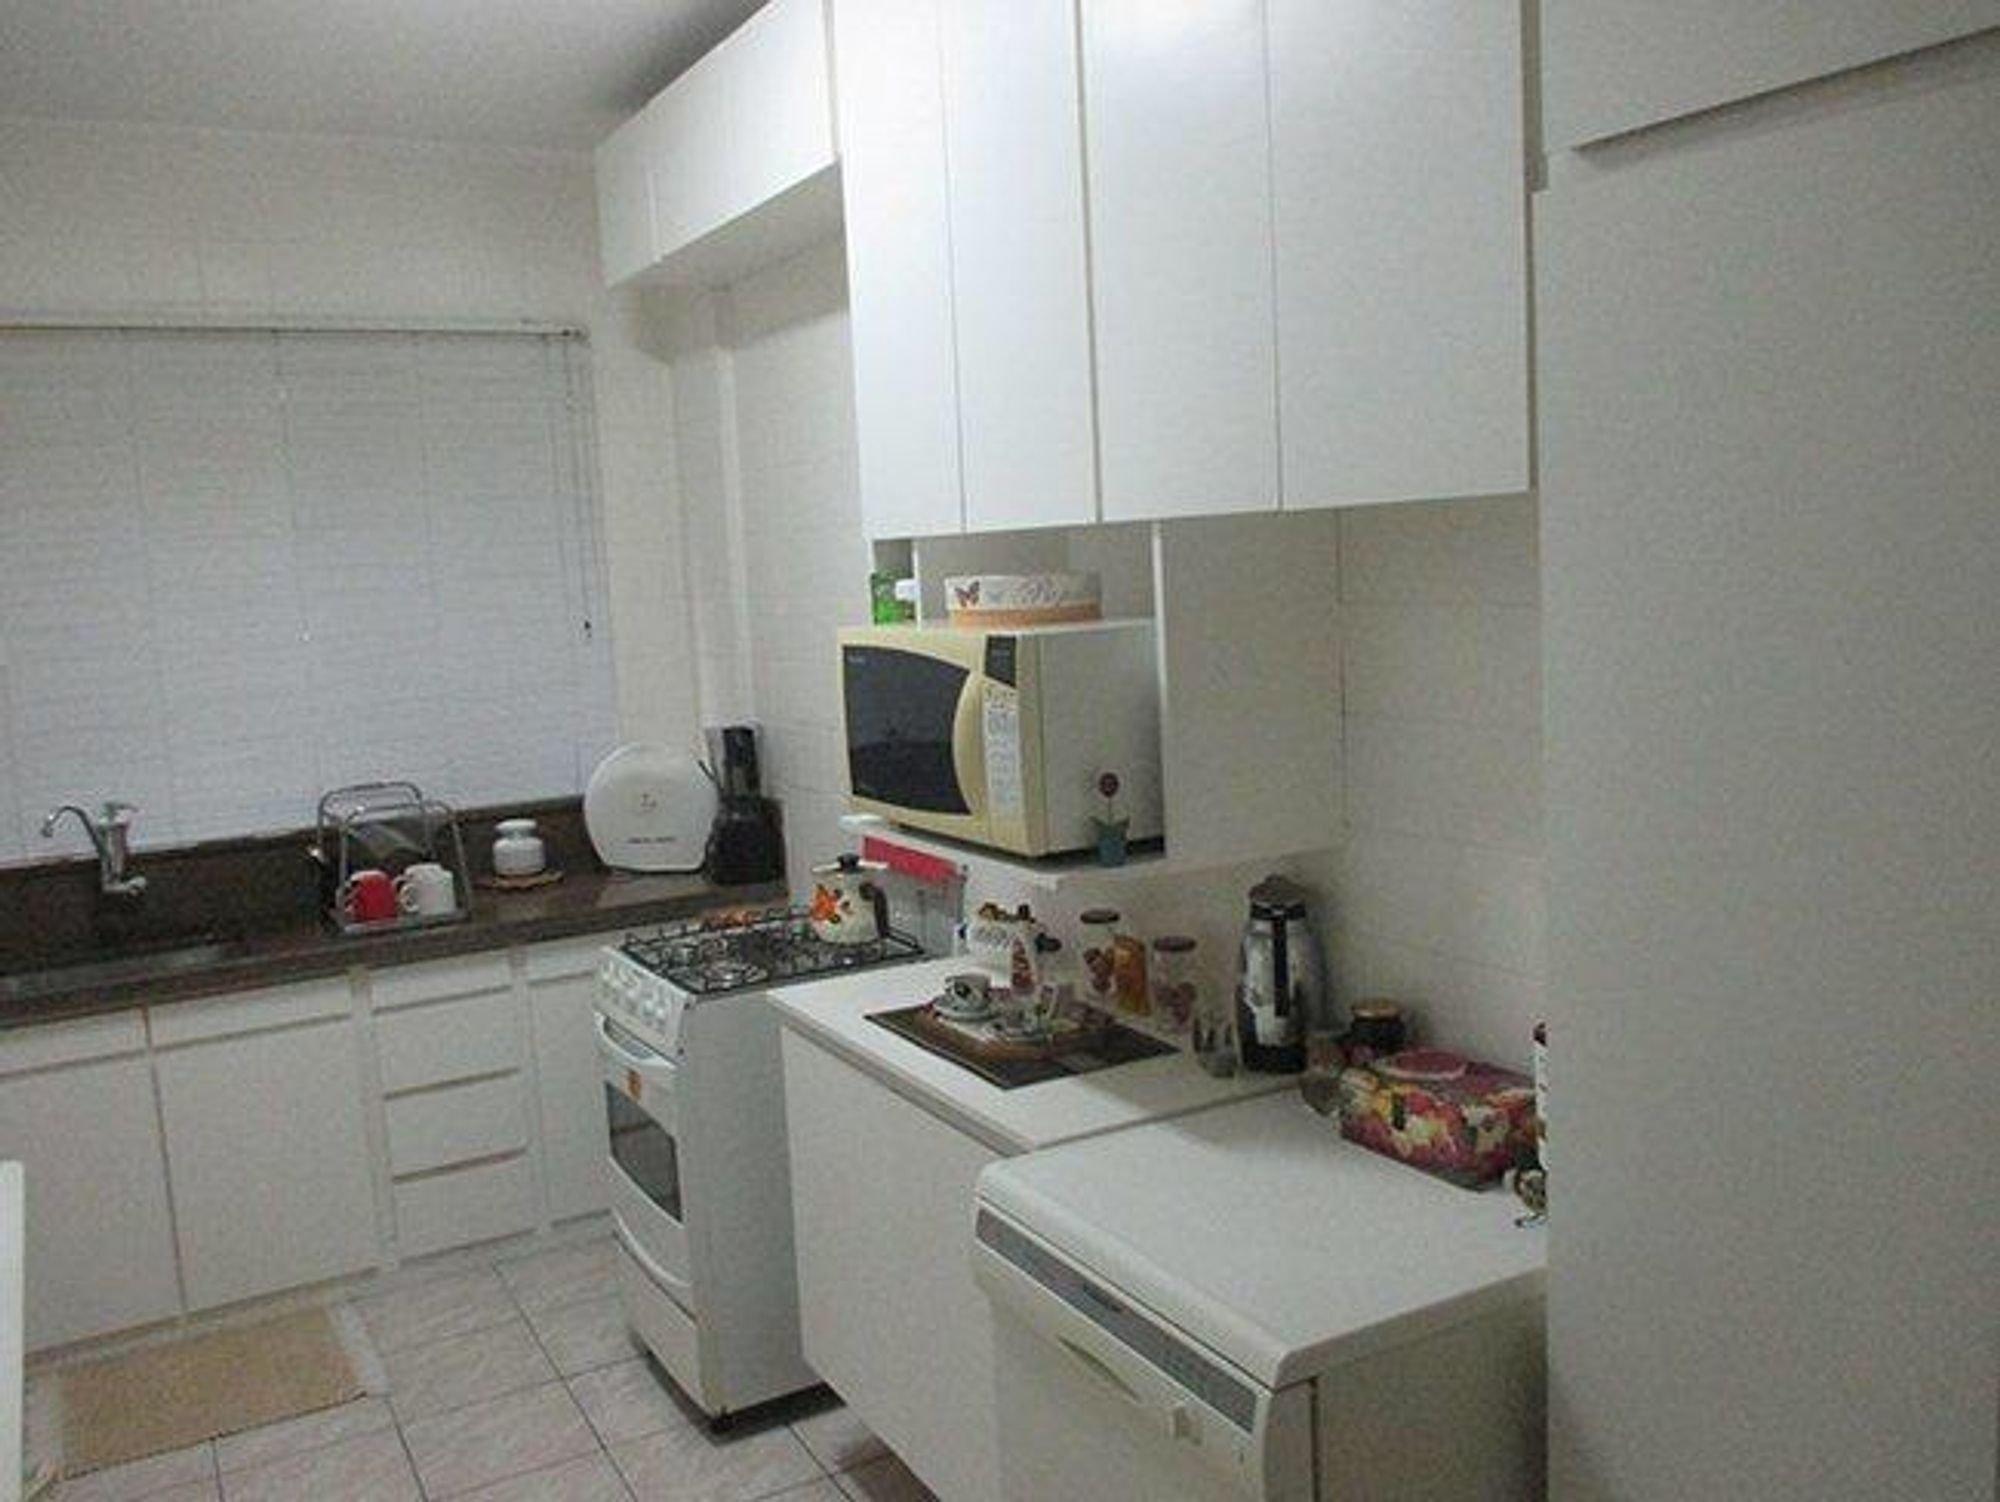 Foto de Cozinha com forno, microondas